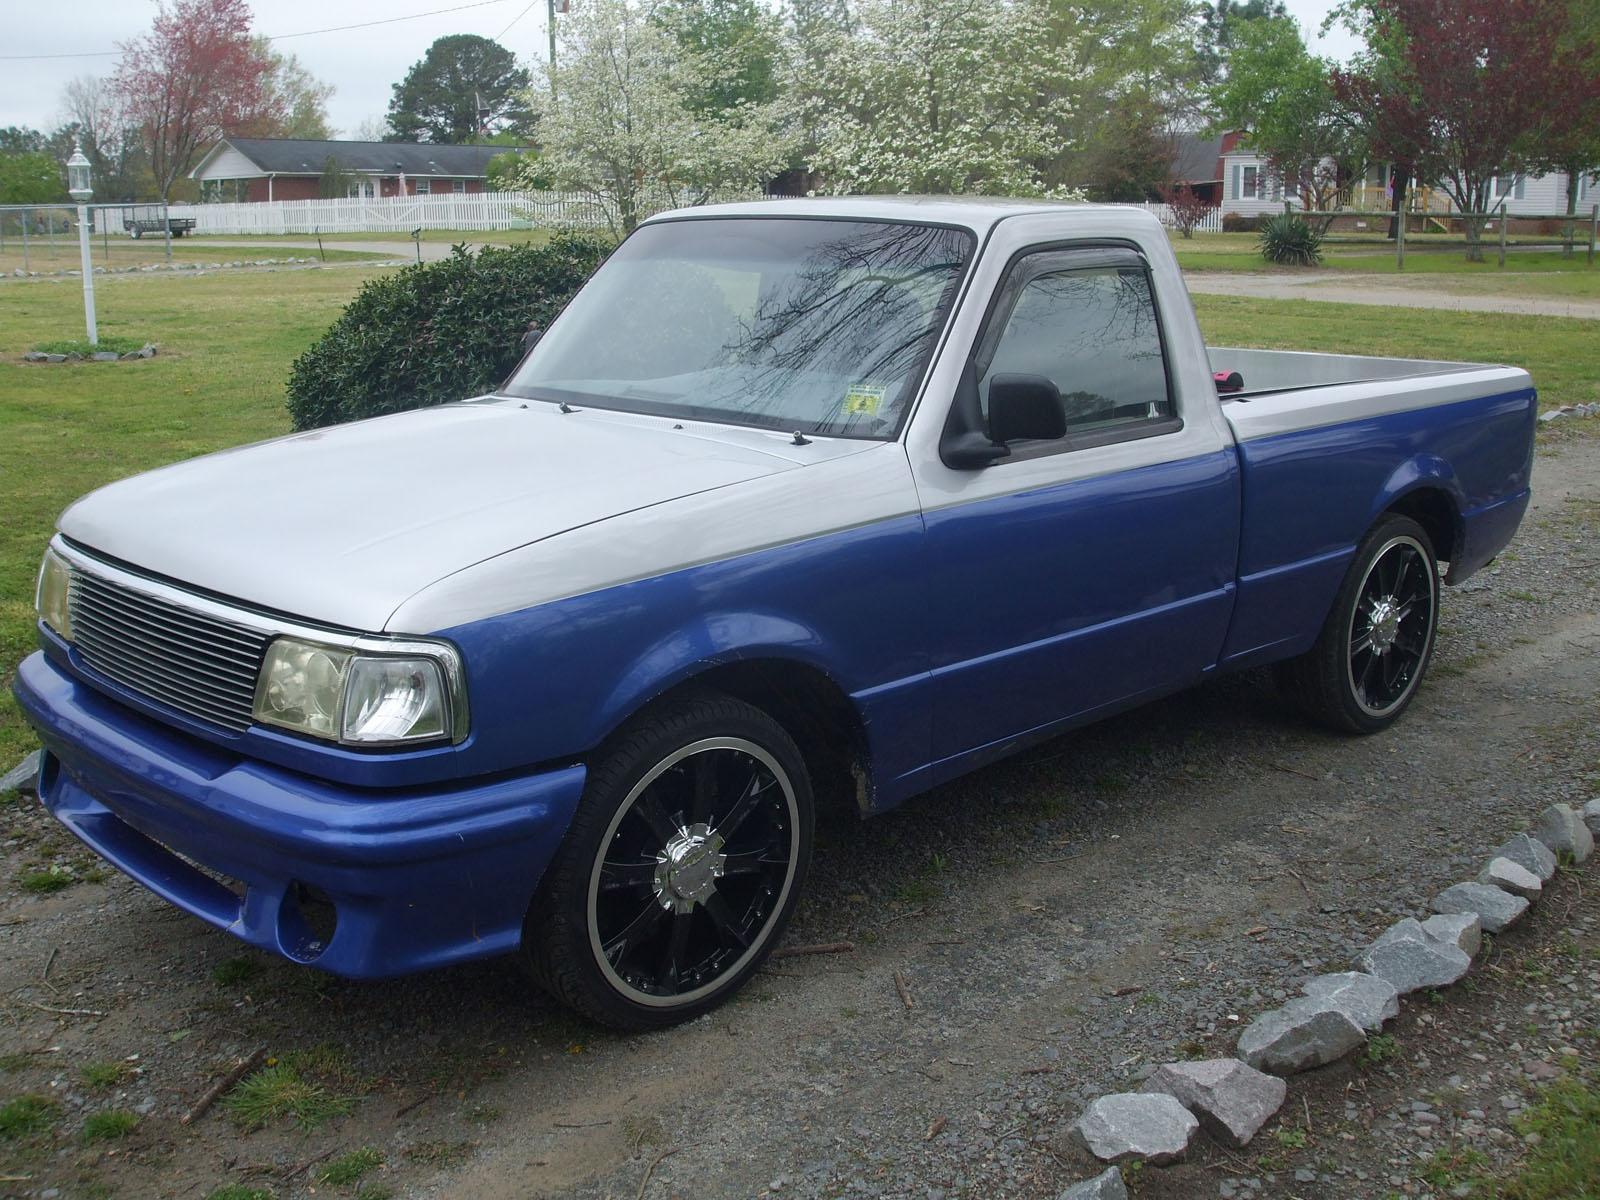 1993 Ford Ranger Motor For Sale